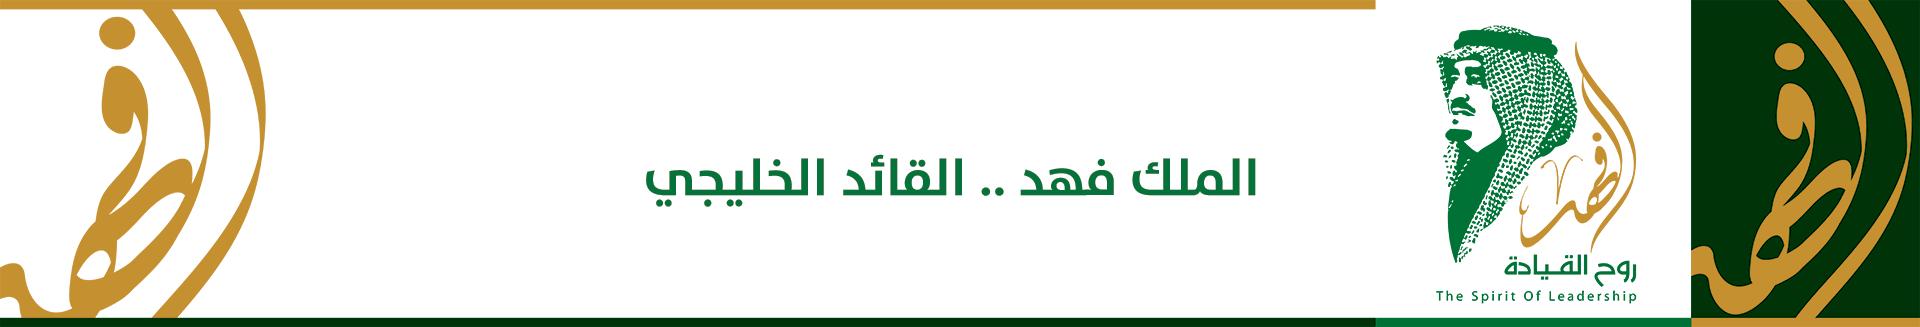 الملك فهد القائد الخليجي